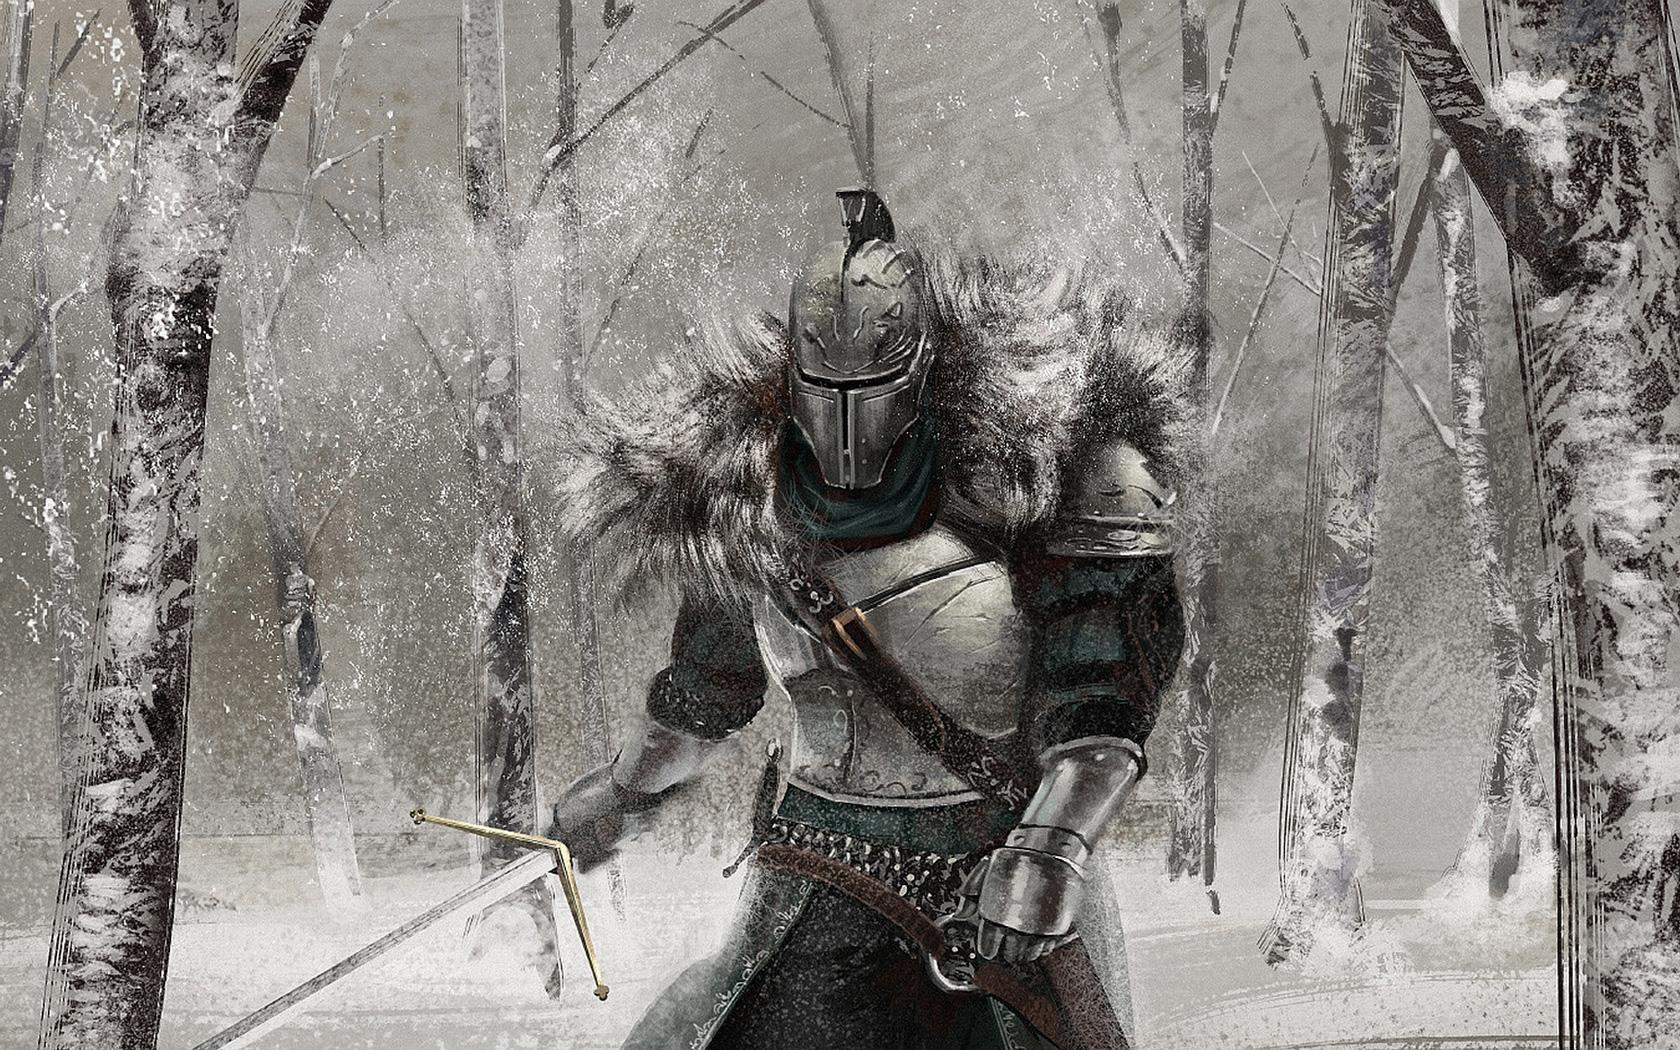 Dark Souls II Wallpaper in 1680x1050